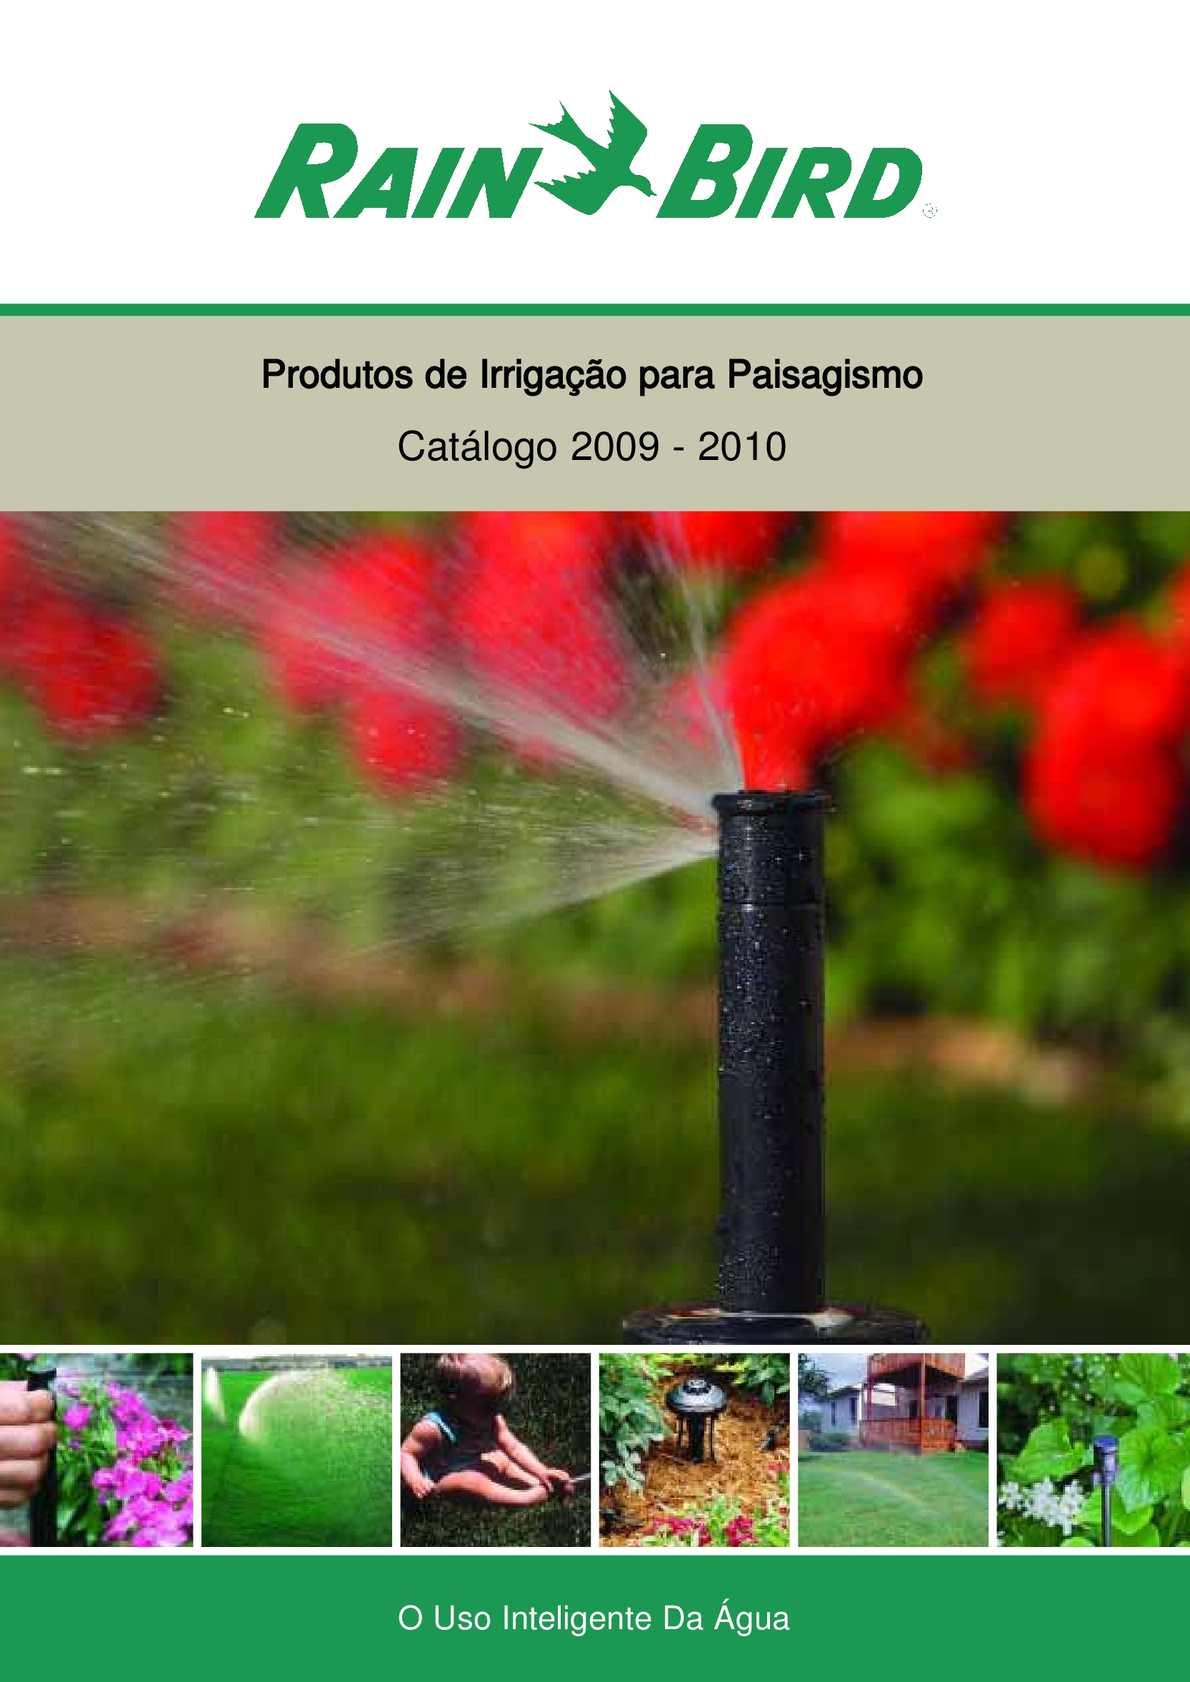 Calaméo - Catálogo Rain Bird - MR Sistemas de Irrigação